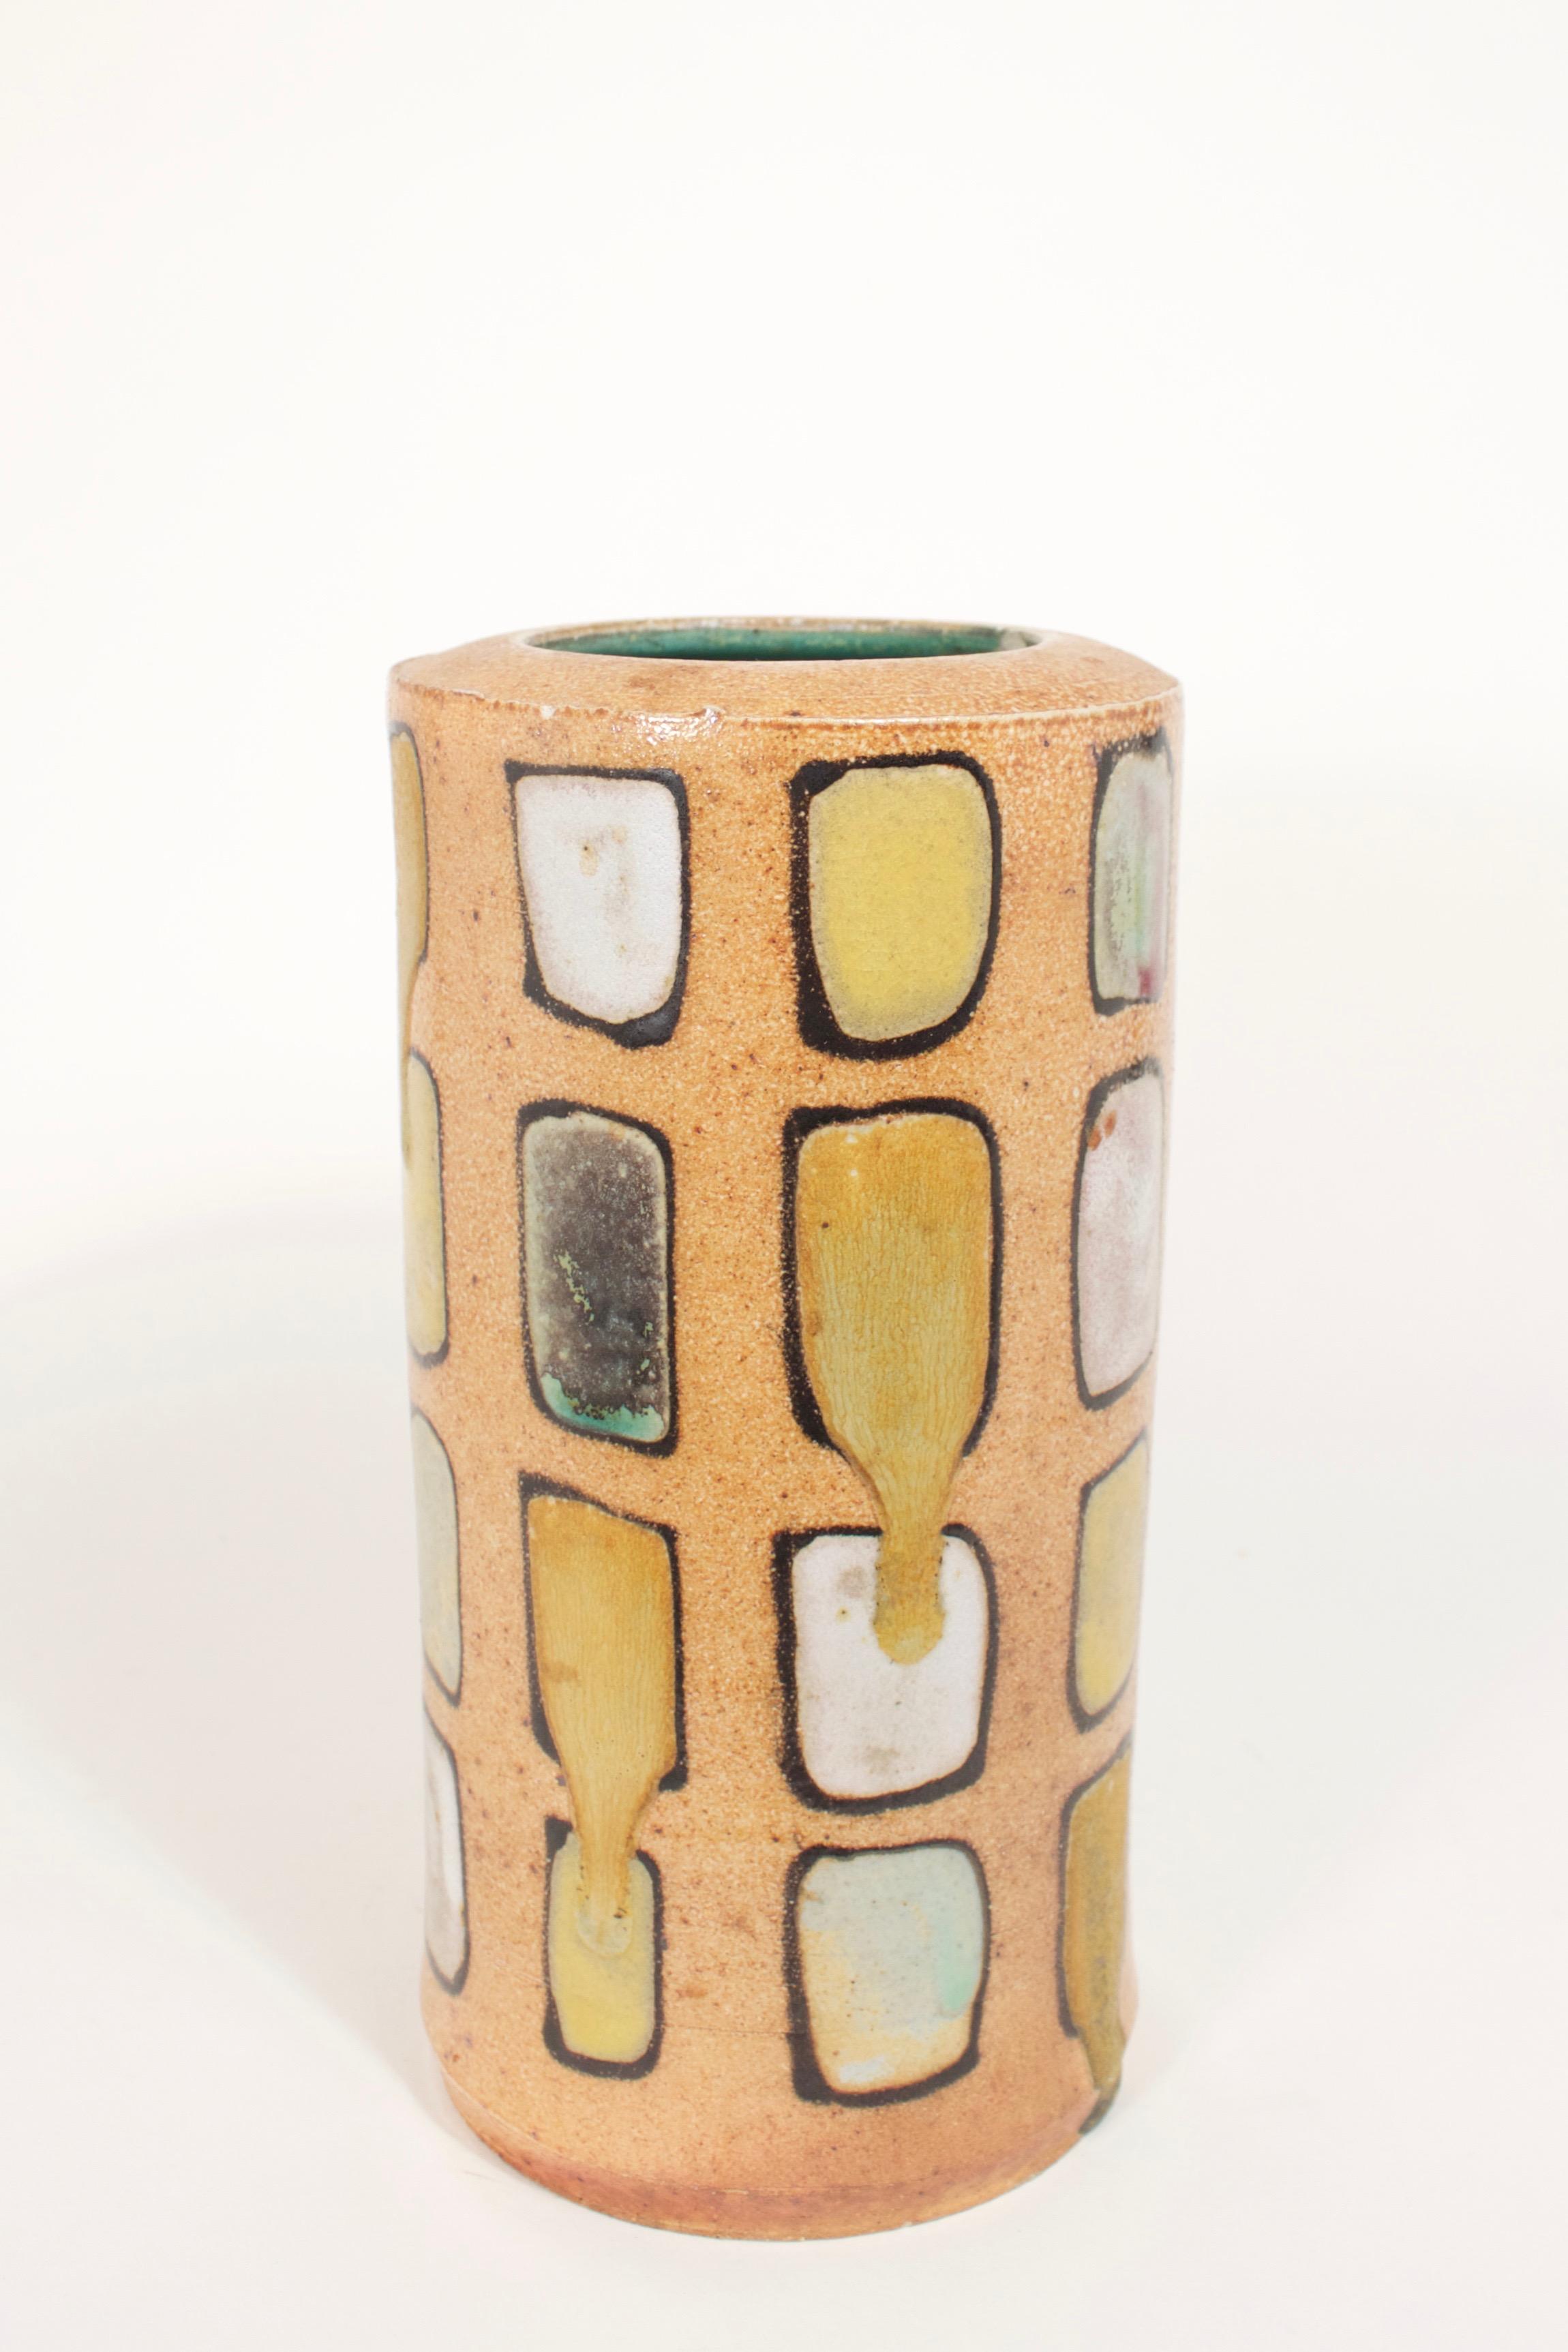 Wood fired vessel, 2004